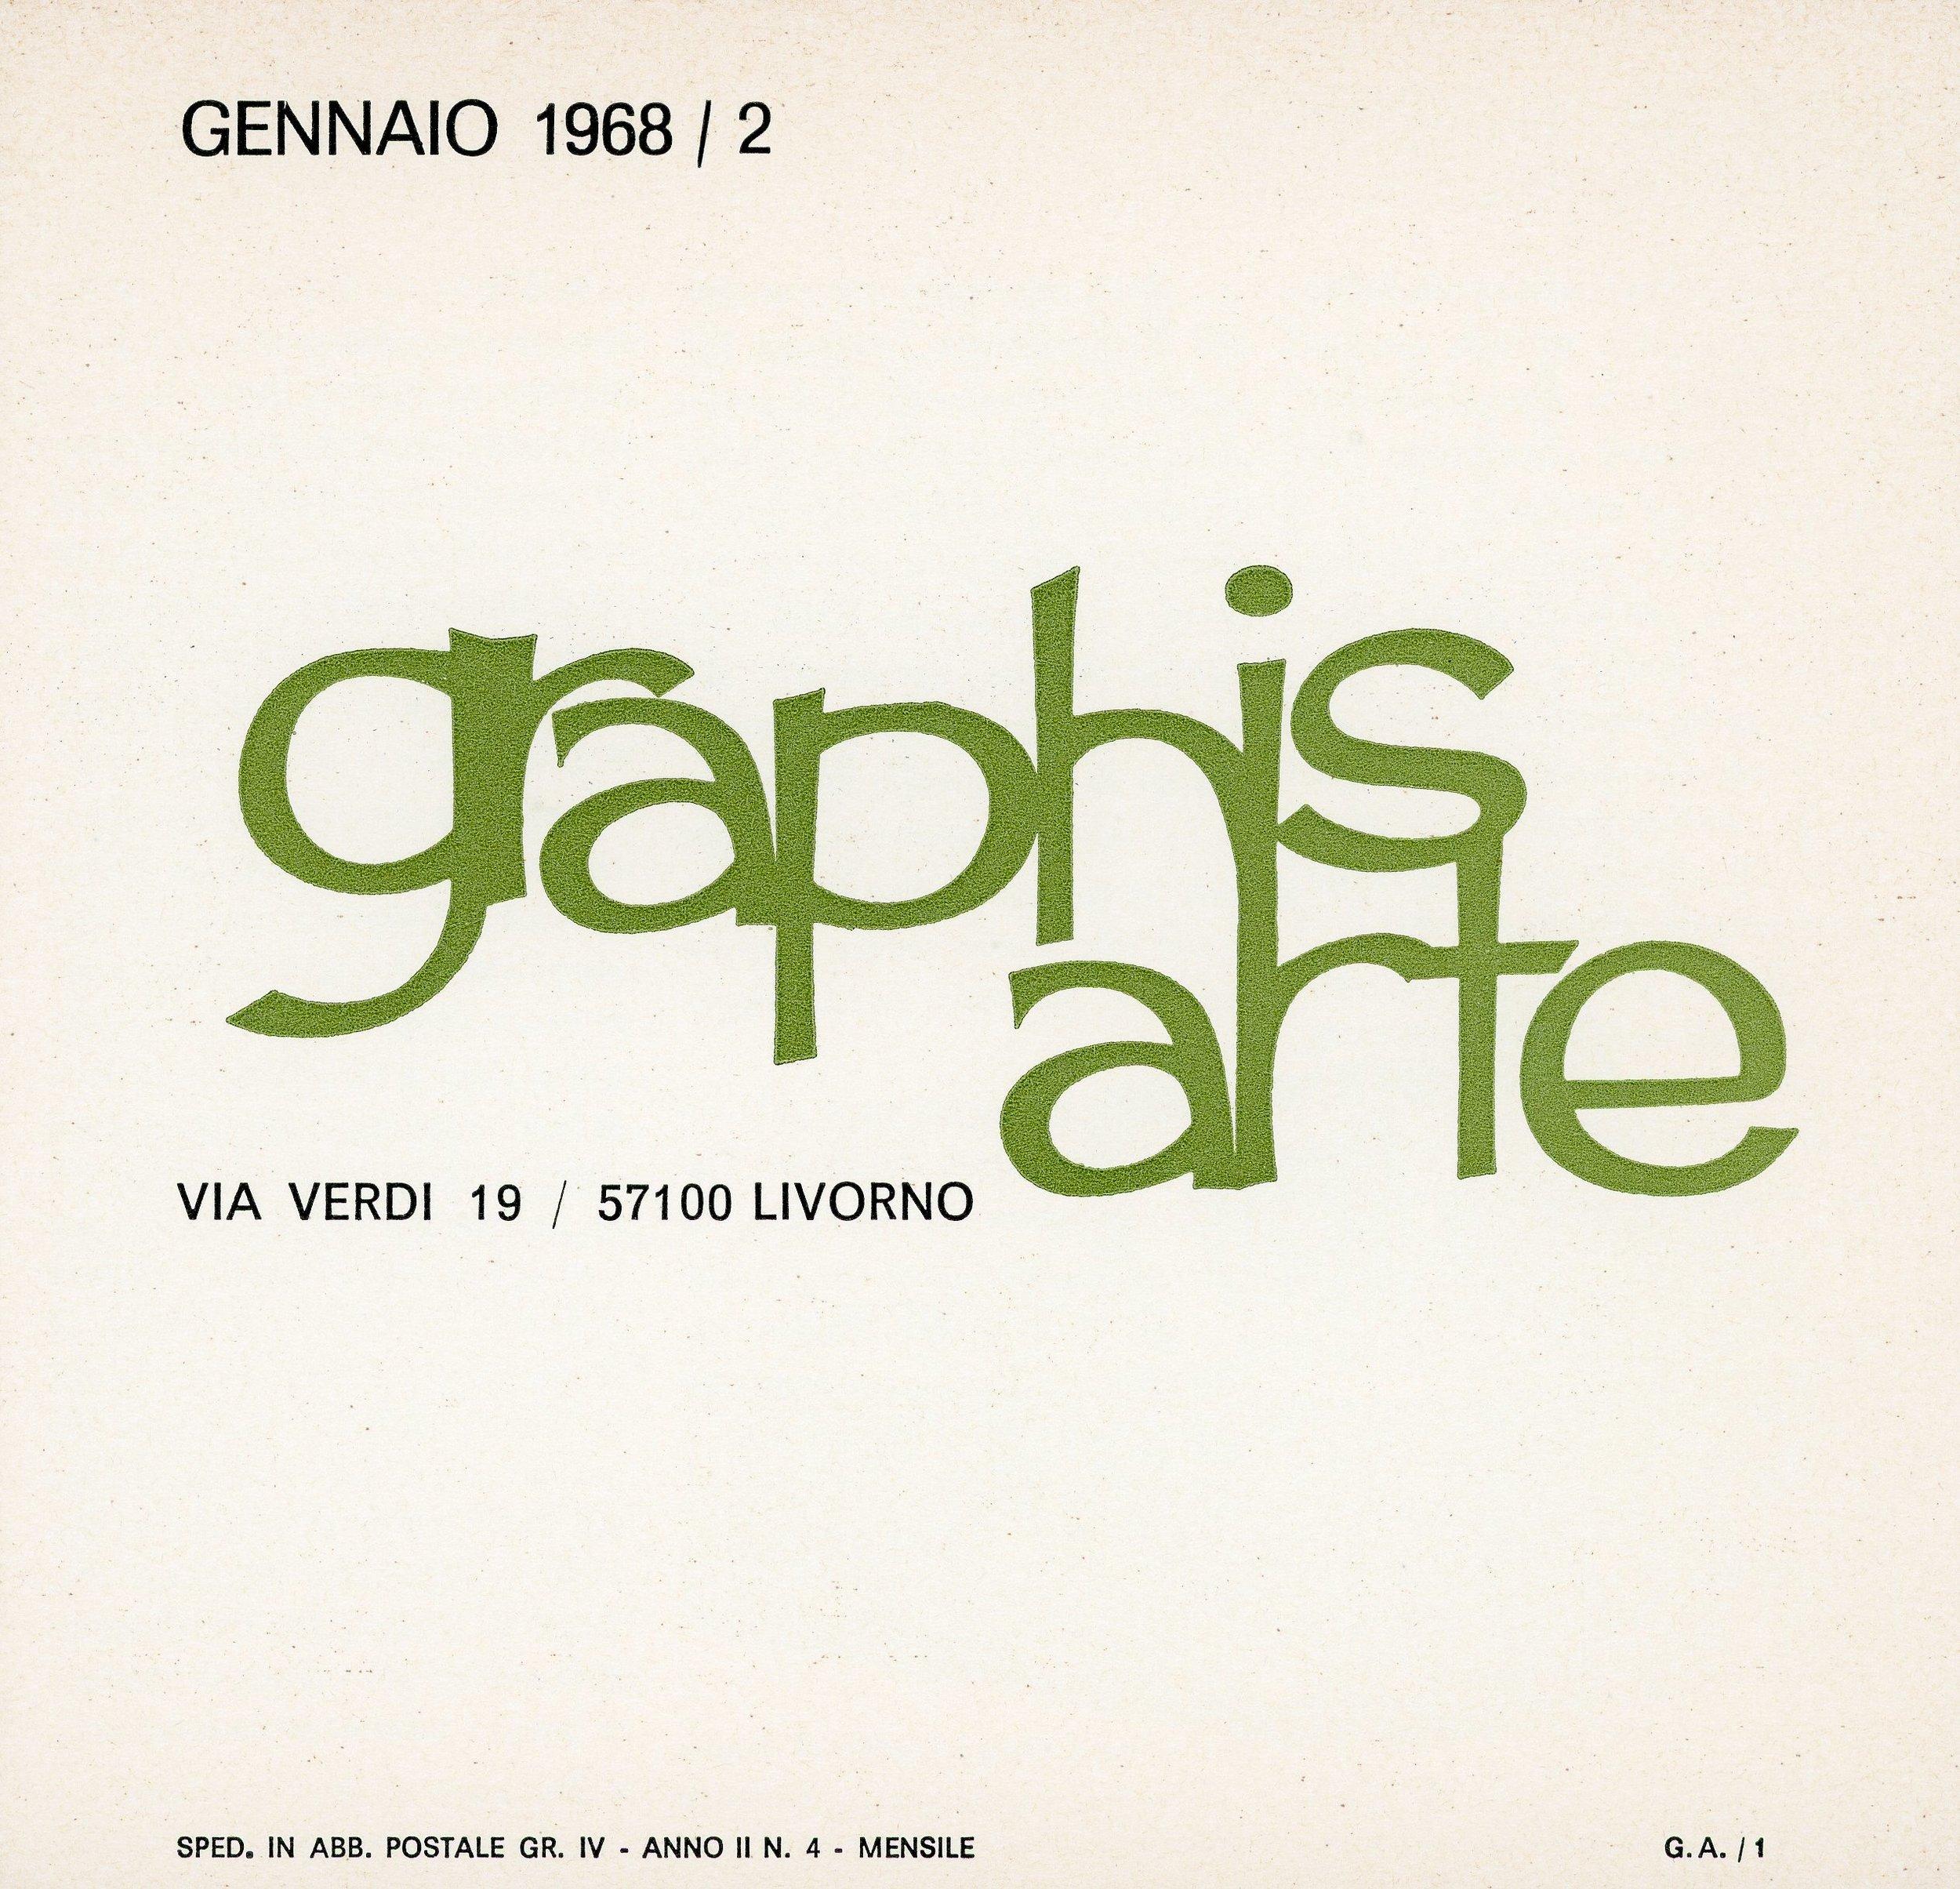 1968-01 Graphis Arte - Bruno Caruso_01.jpg